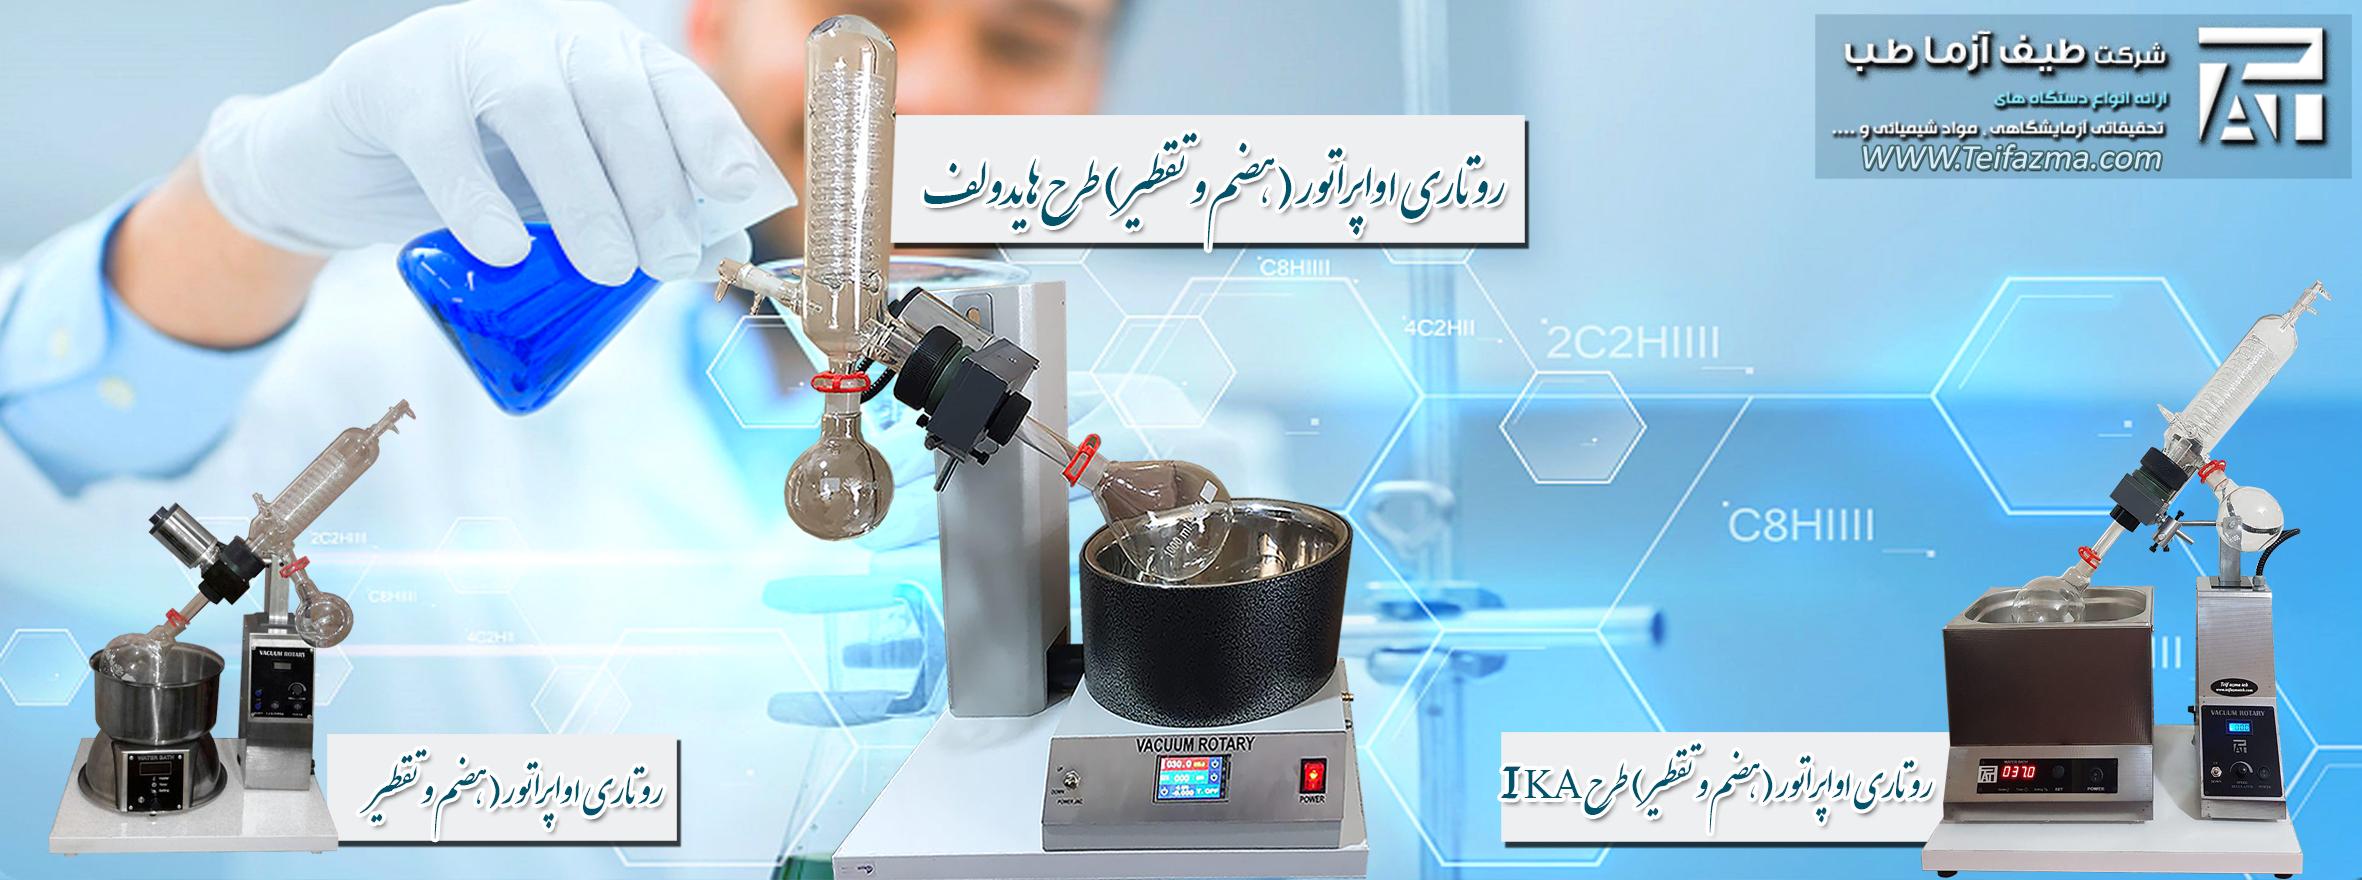 اولین و برترین تولید کننده روتاری اواپراتور در ایران